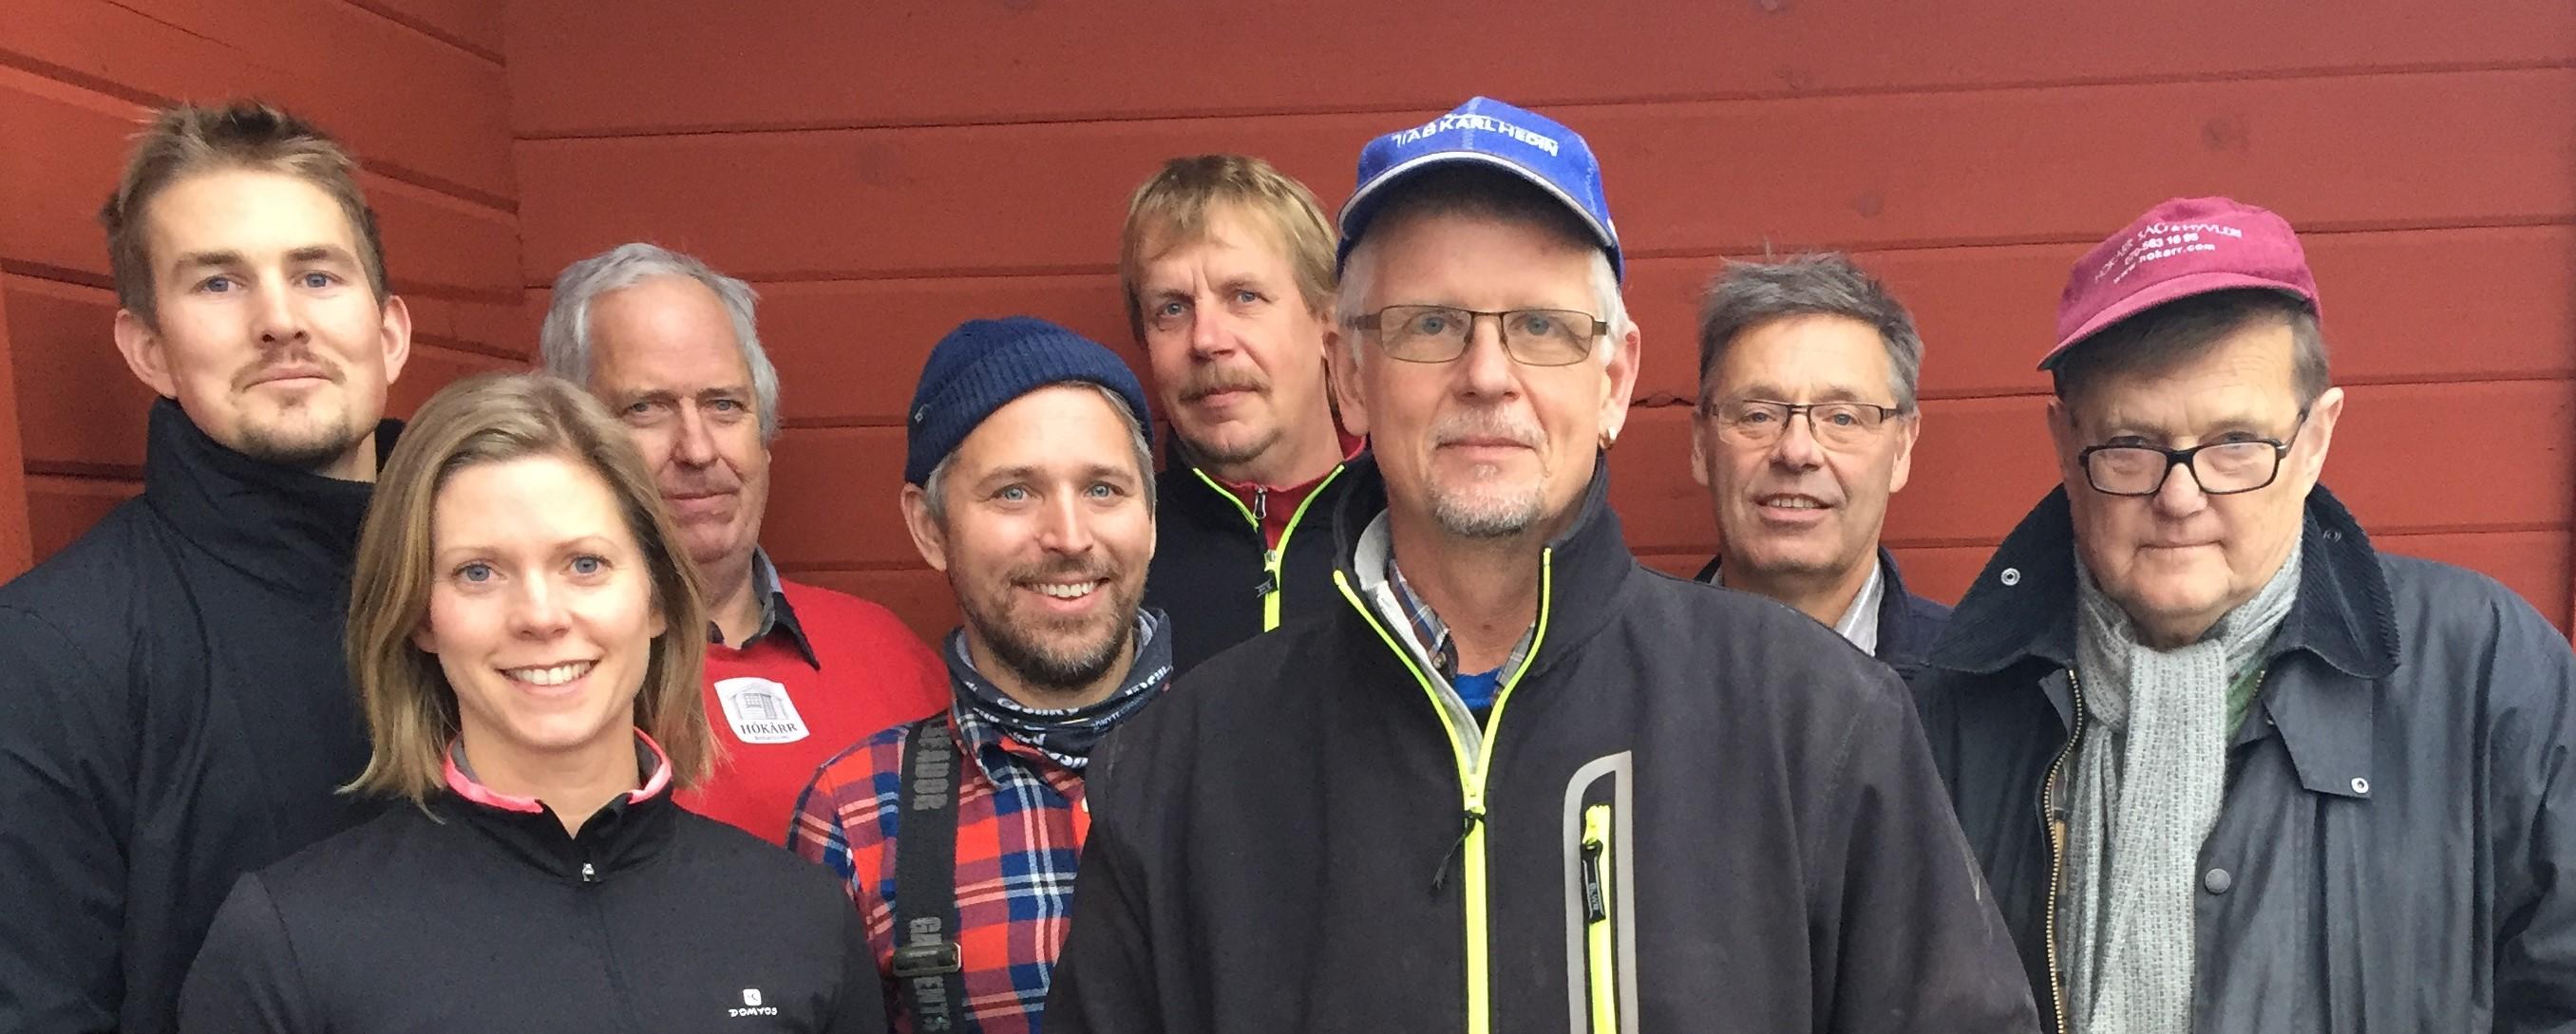 Från vänster: Fredrik, Elin, Bengt, Henrik, Jan, Magnus, Sten och Roland